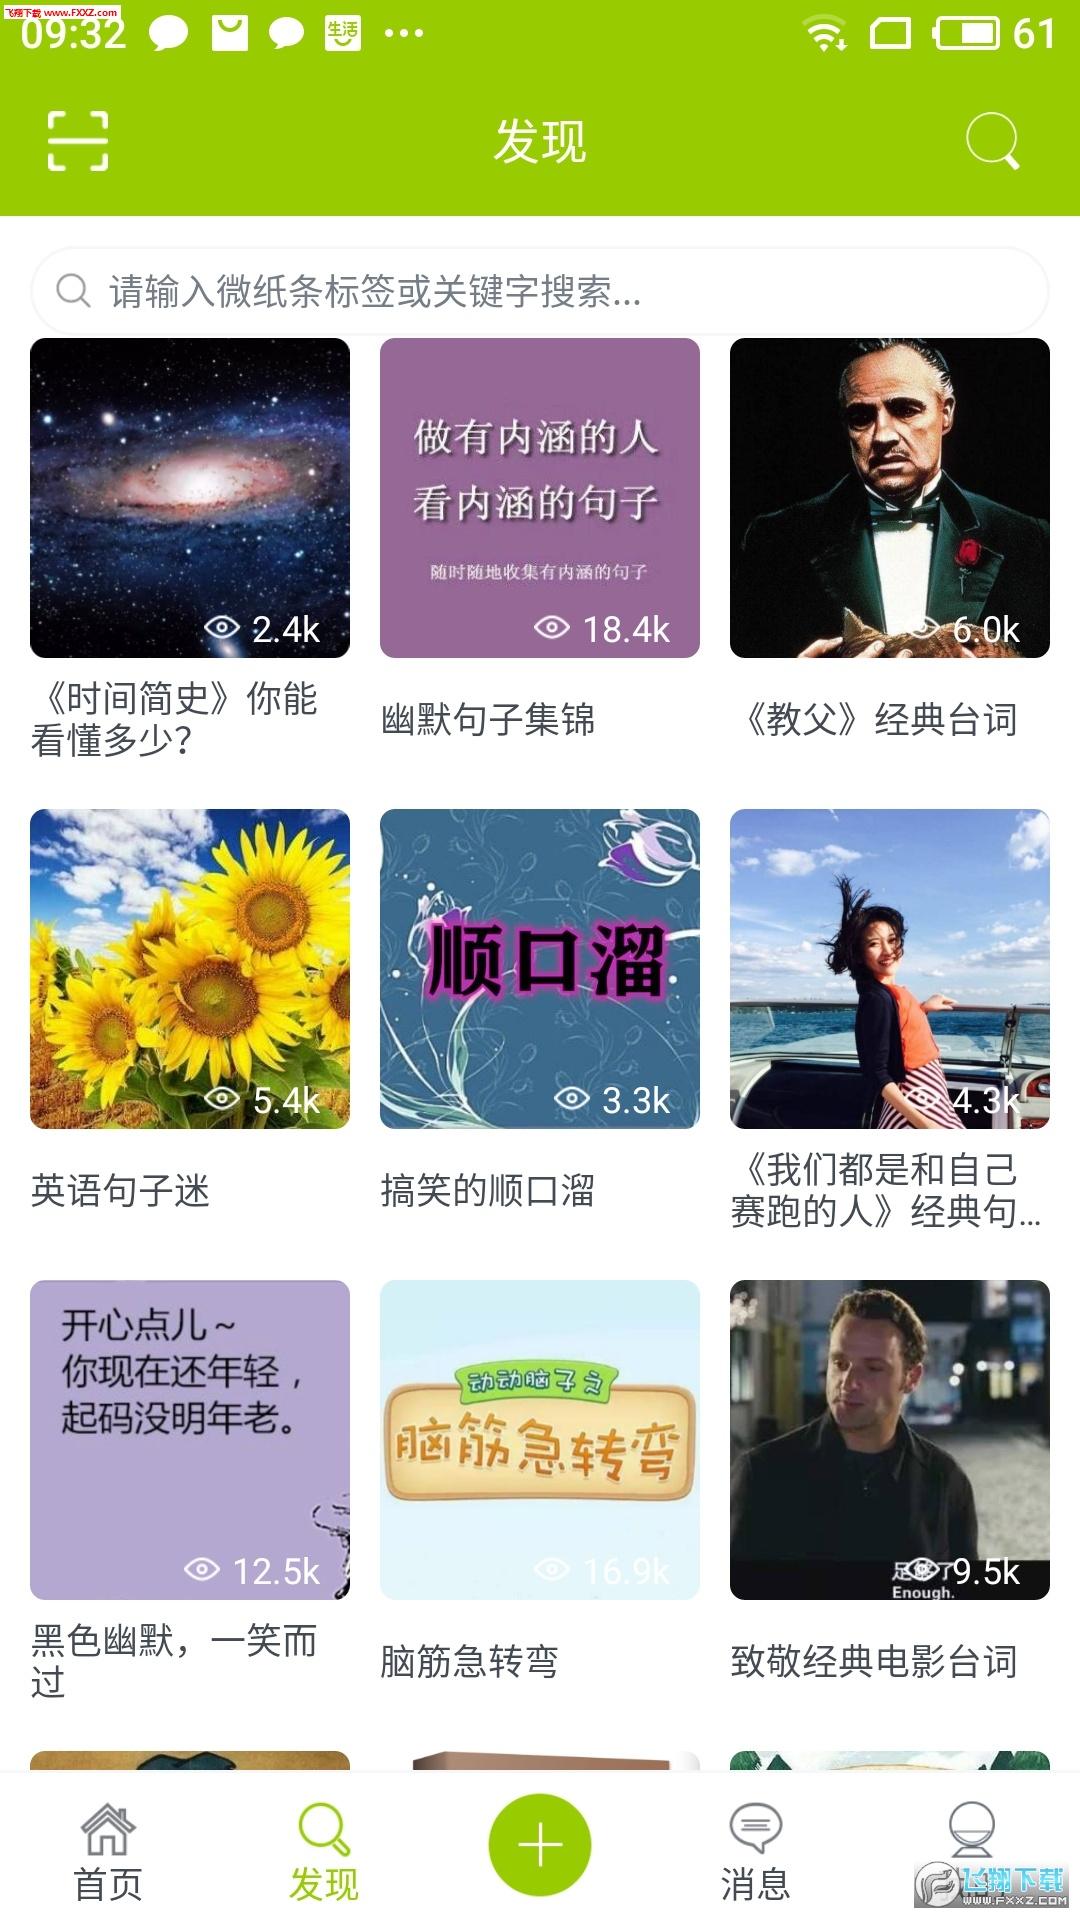 微纸条app官方版1.2.5截图1